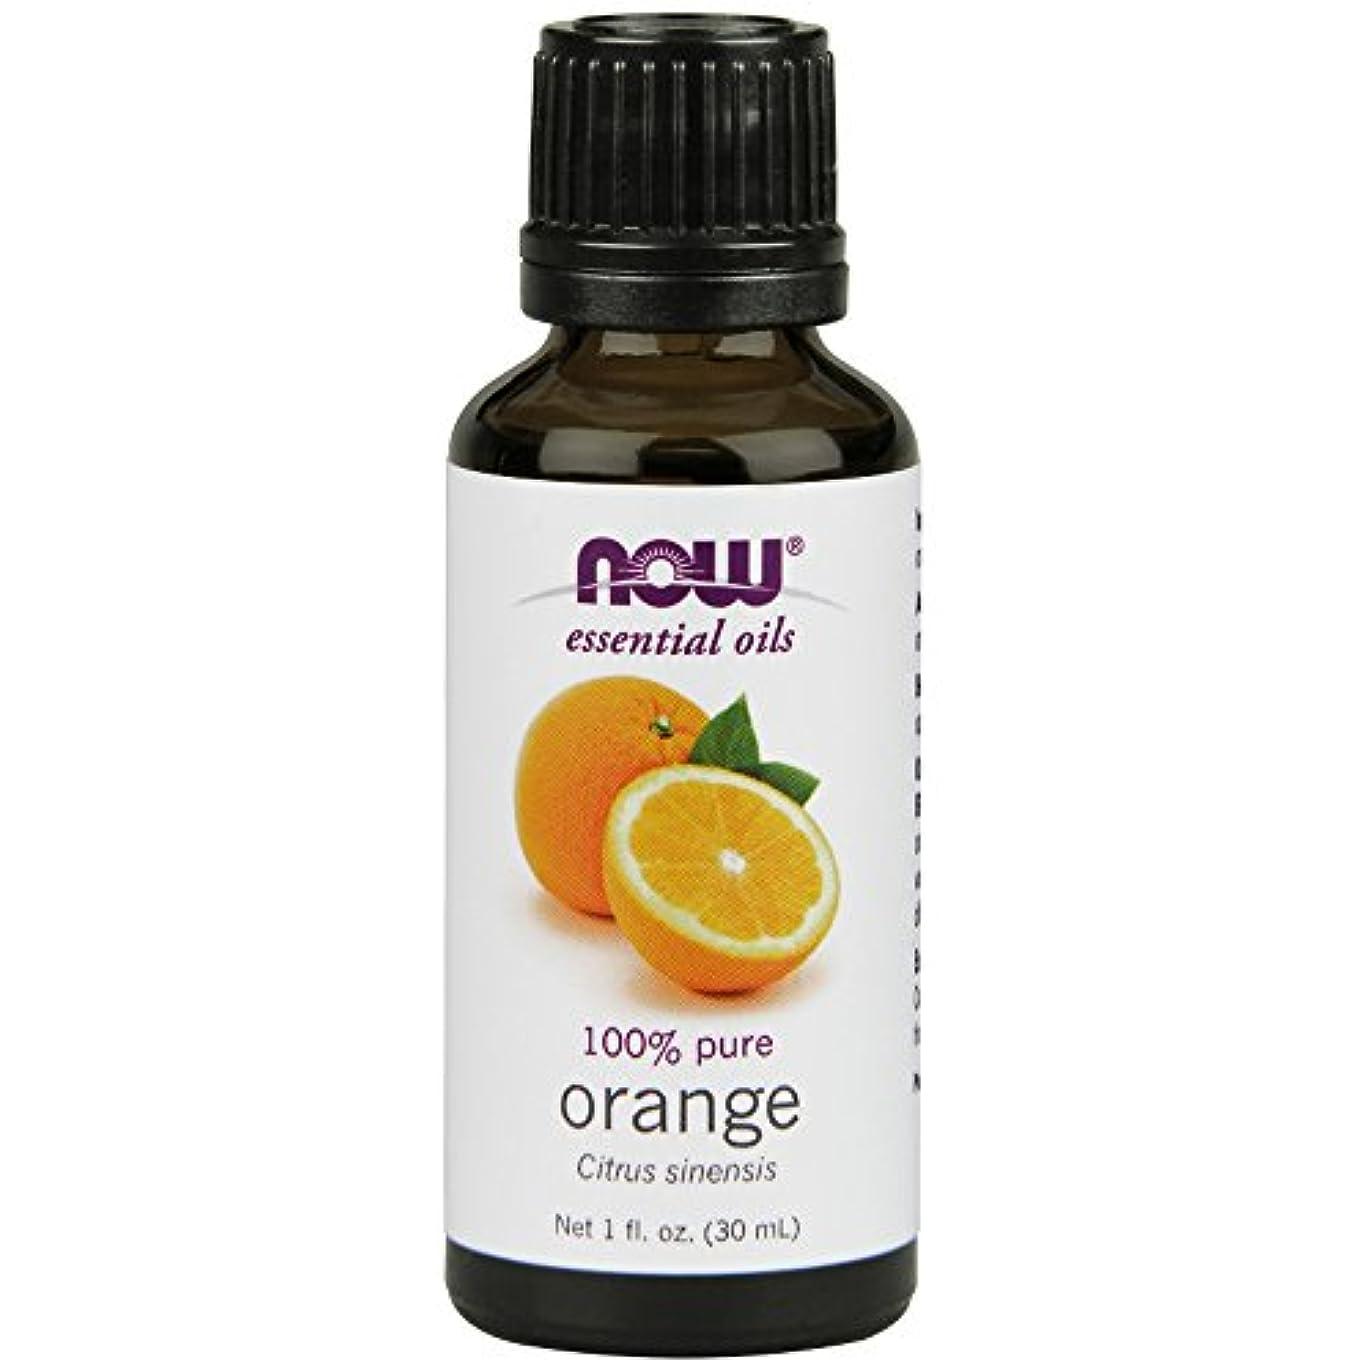 ディンカルビルわざわざ挑むNOWエッセンシャルオイル オレンジ精油 アロマオイル 30ml 【正規輸入品】